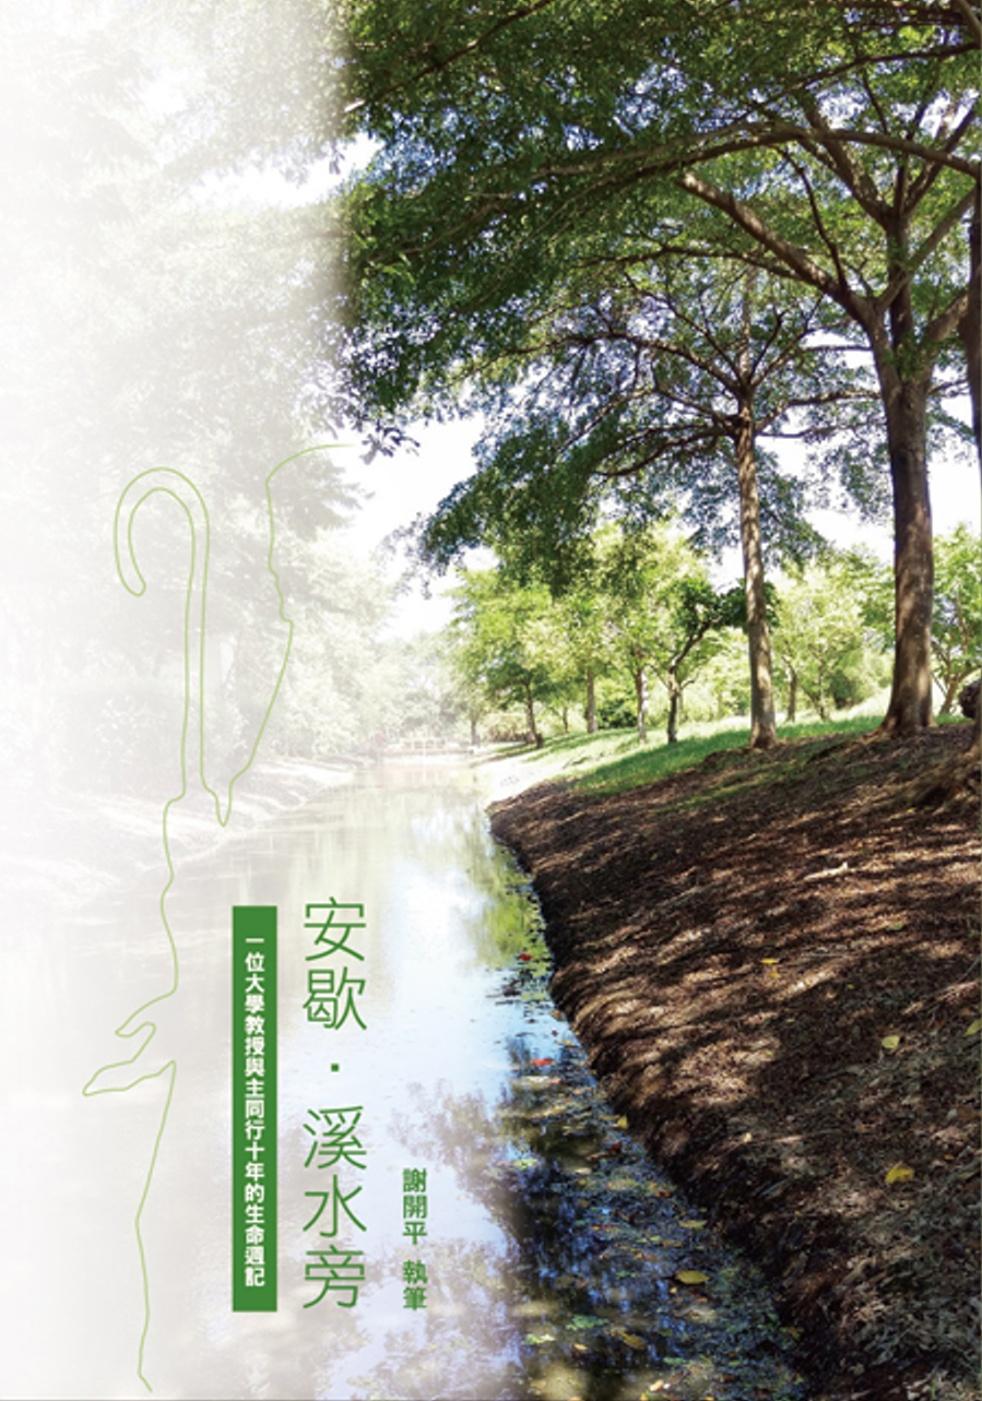 安歇.溪水旁:一位大學教授與主同行十年的生命週記